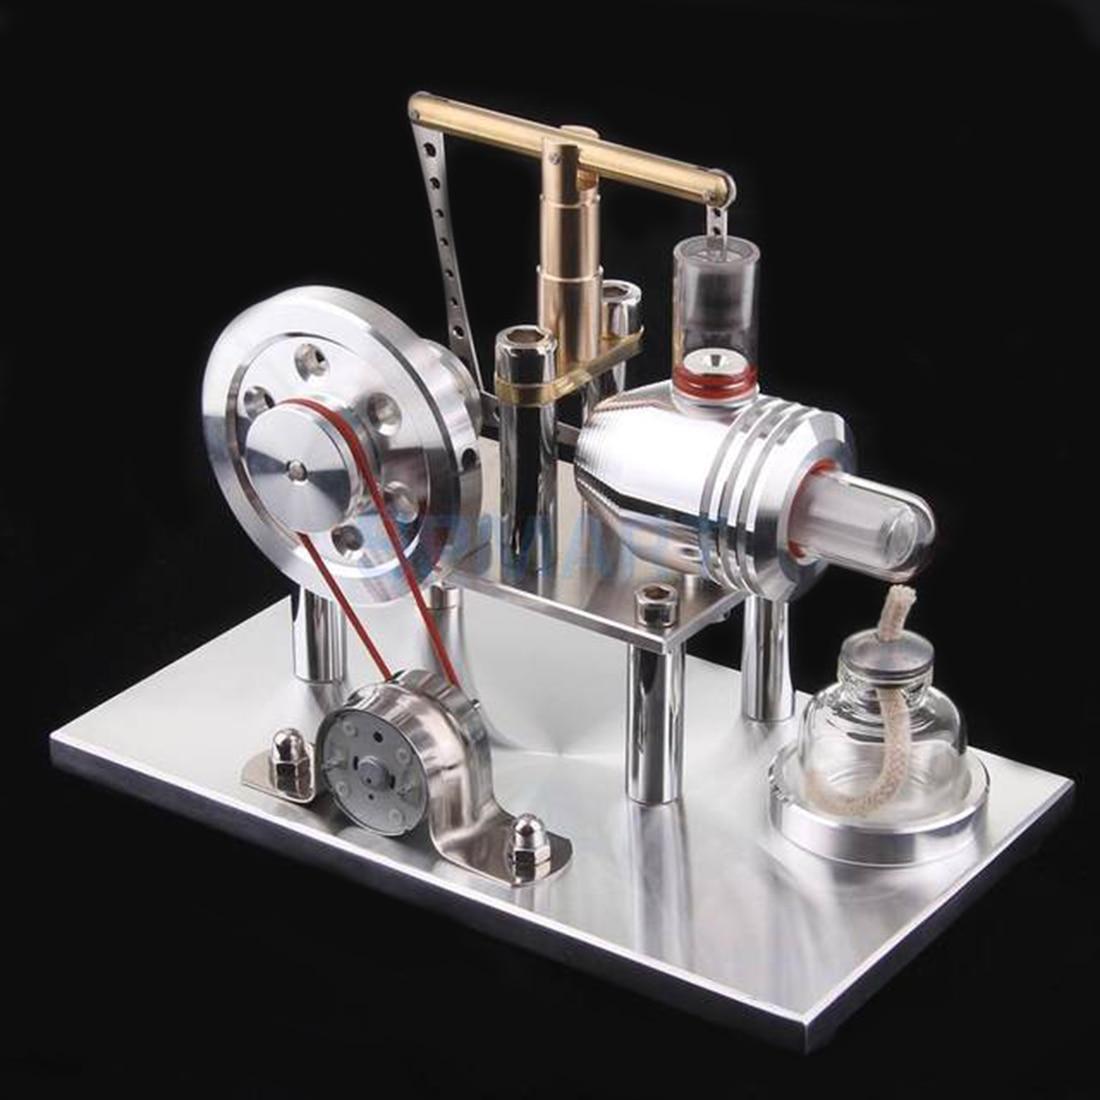 Équilibre Stirling Générateur Moteur Cylindre Générateur L'enseignement des Sciences Modèle DIY Vapeur TIGE Jouet Pour Enfants